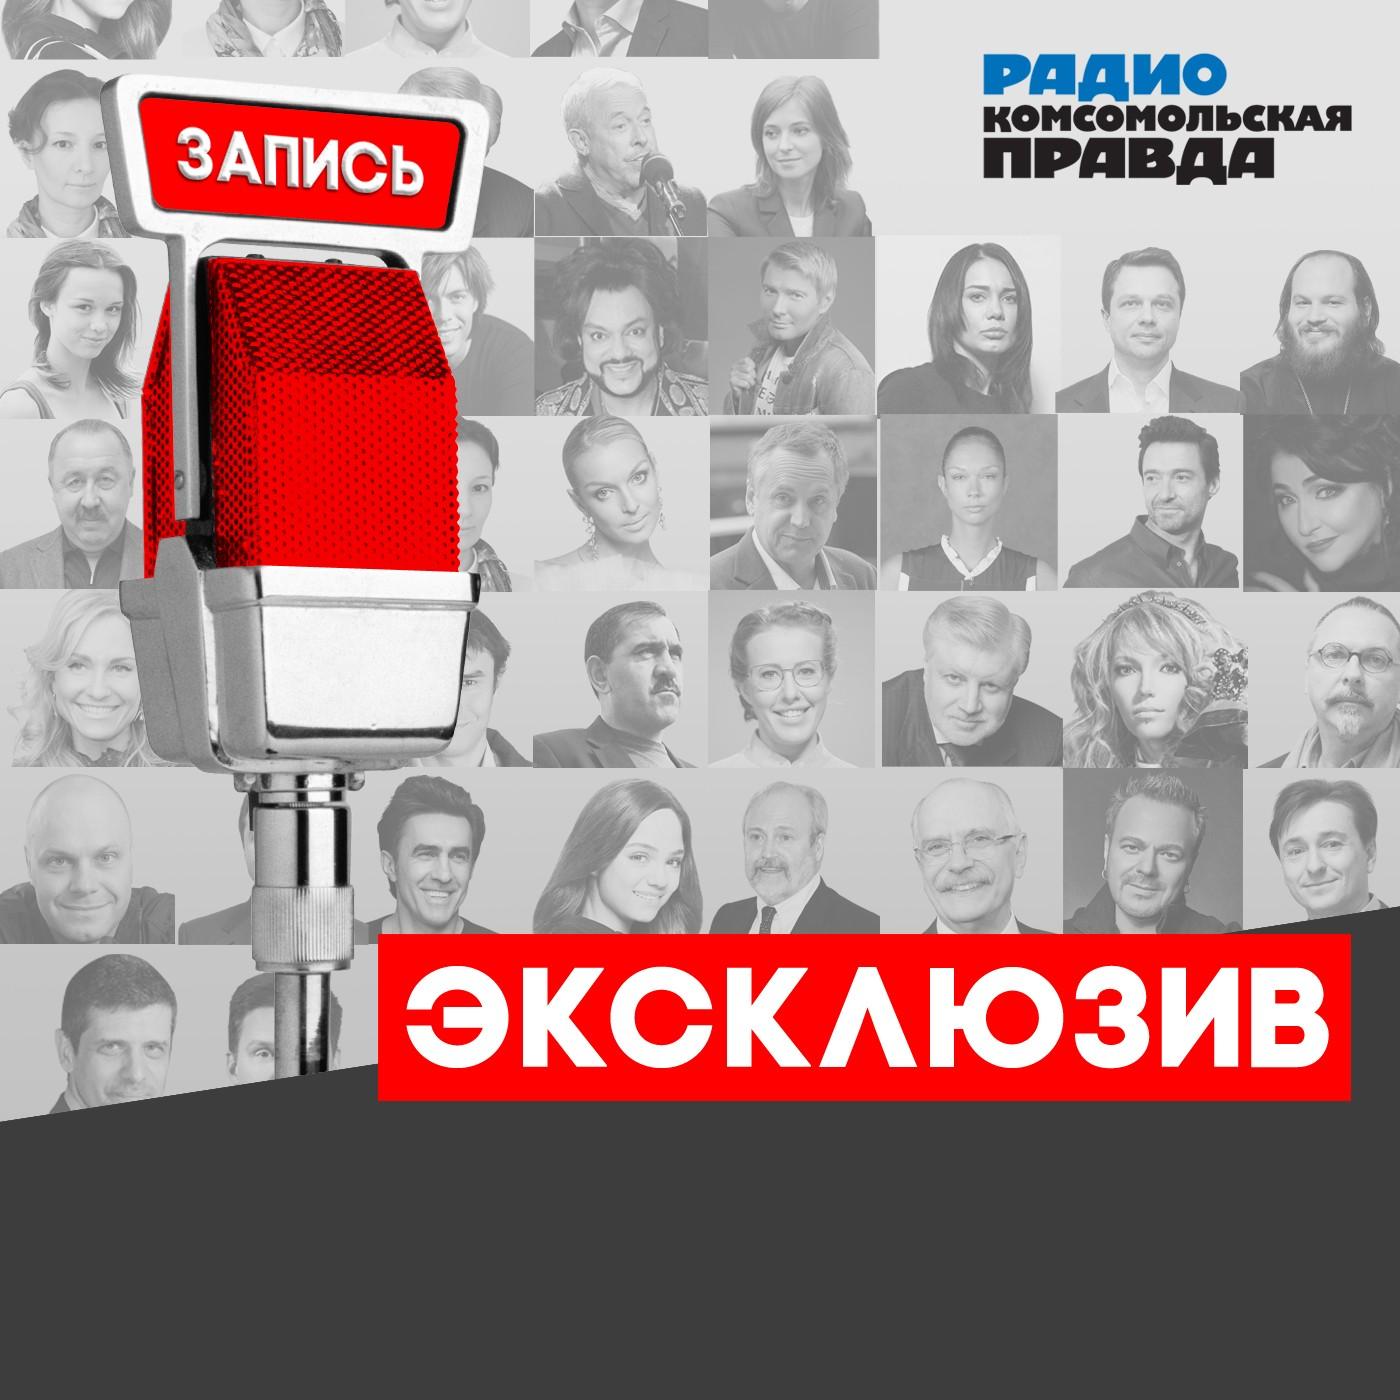 Радио «Комсомольская правда» Валерий Газзаев: Сегодня- худшее время за всю историю российского футбола, но это наш потолок валерий выжутович другой разговор диалоги с умными людьми